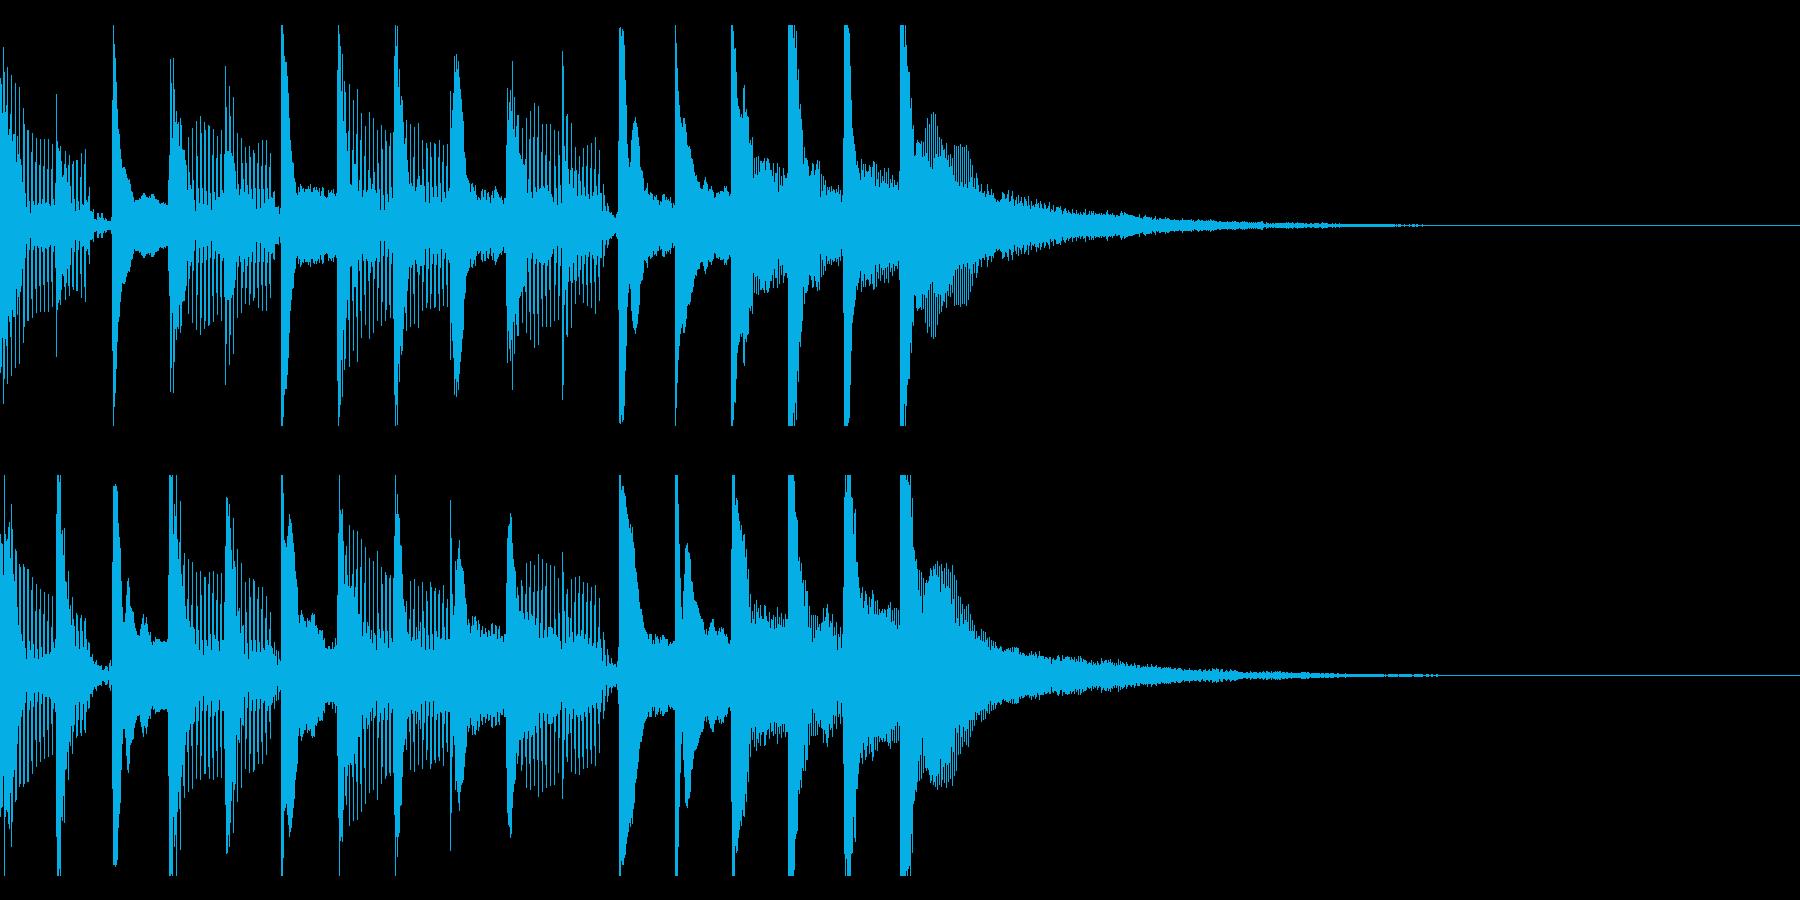 サウンドロゴ・短時間CMの再生済みの波形